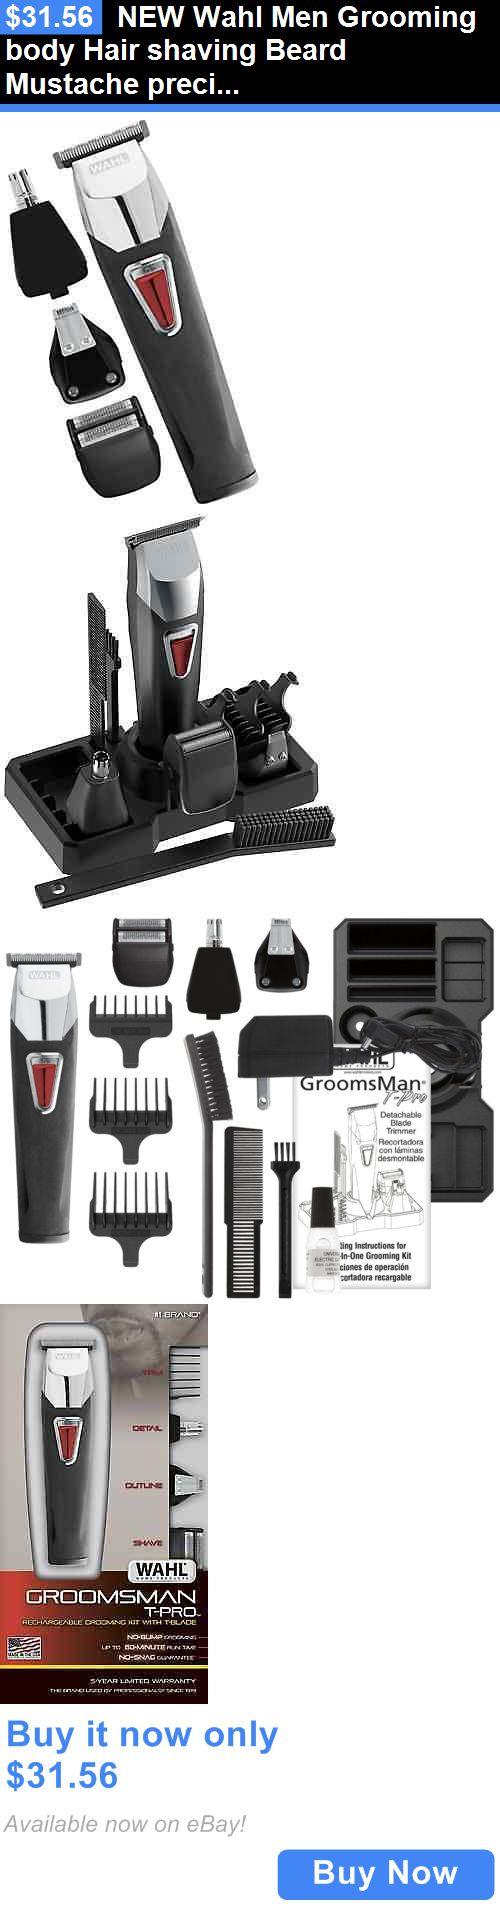 Shaving: New Wahl Men Grooming Body Hair Shaving Beard Mustache Precision Trimmer Kit BUY IT NOW ONLY: $31.56